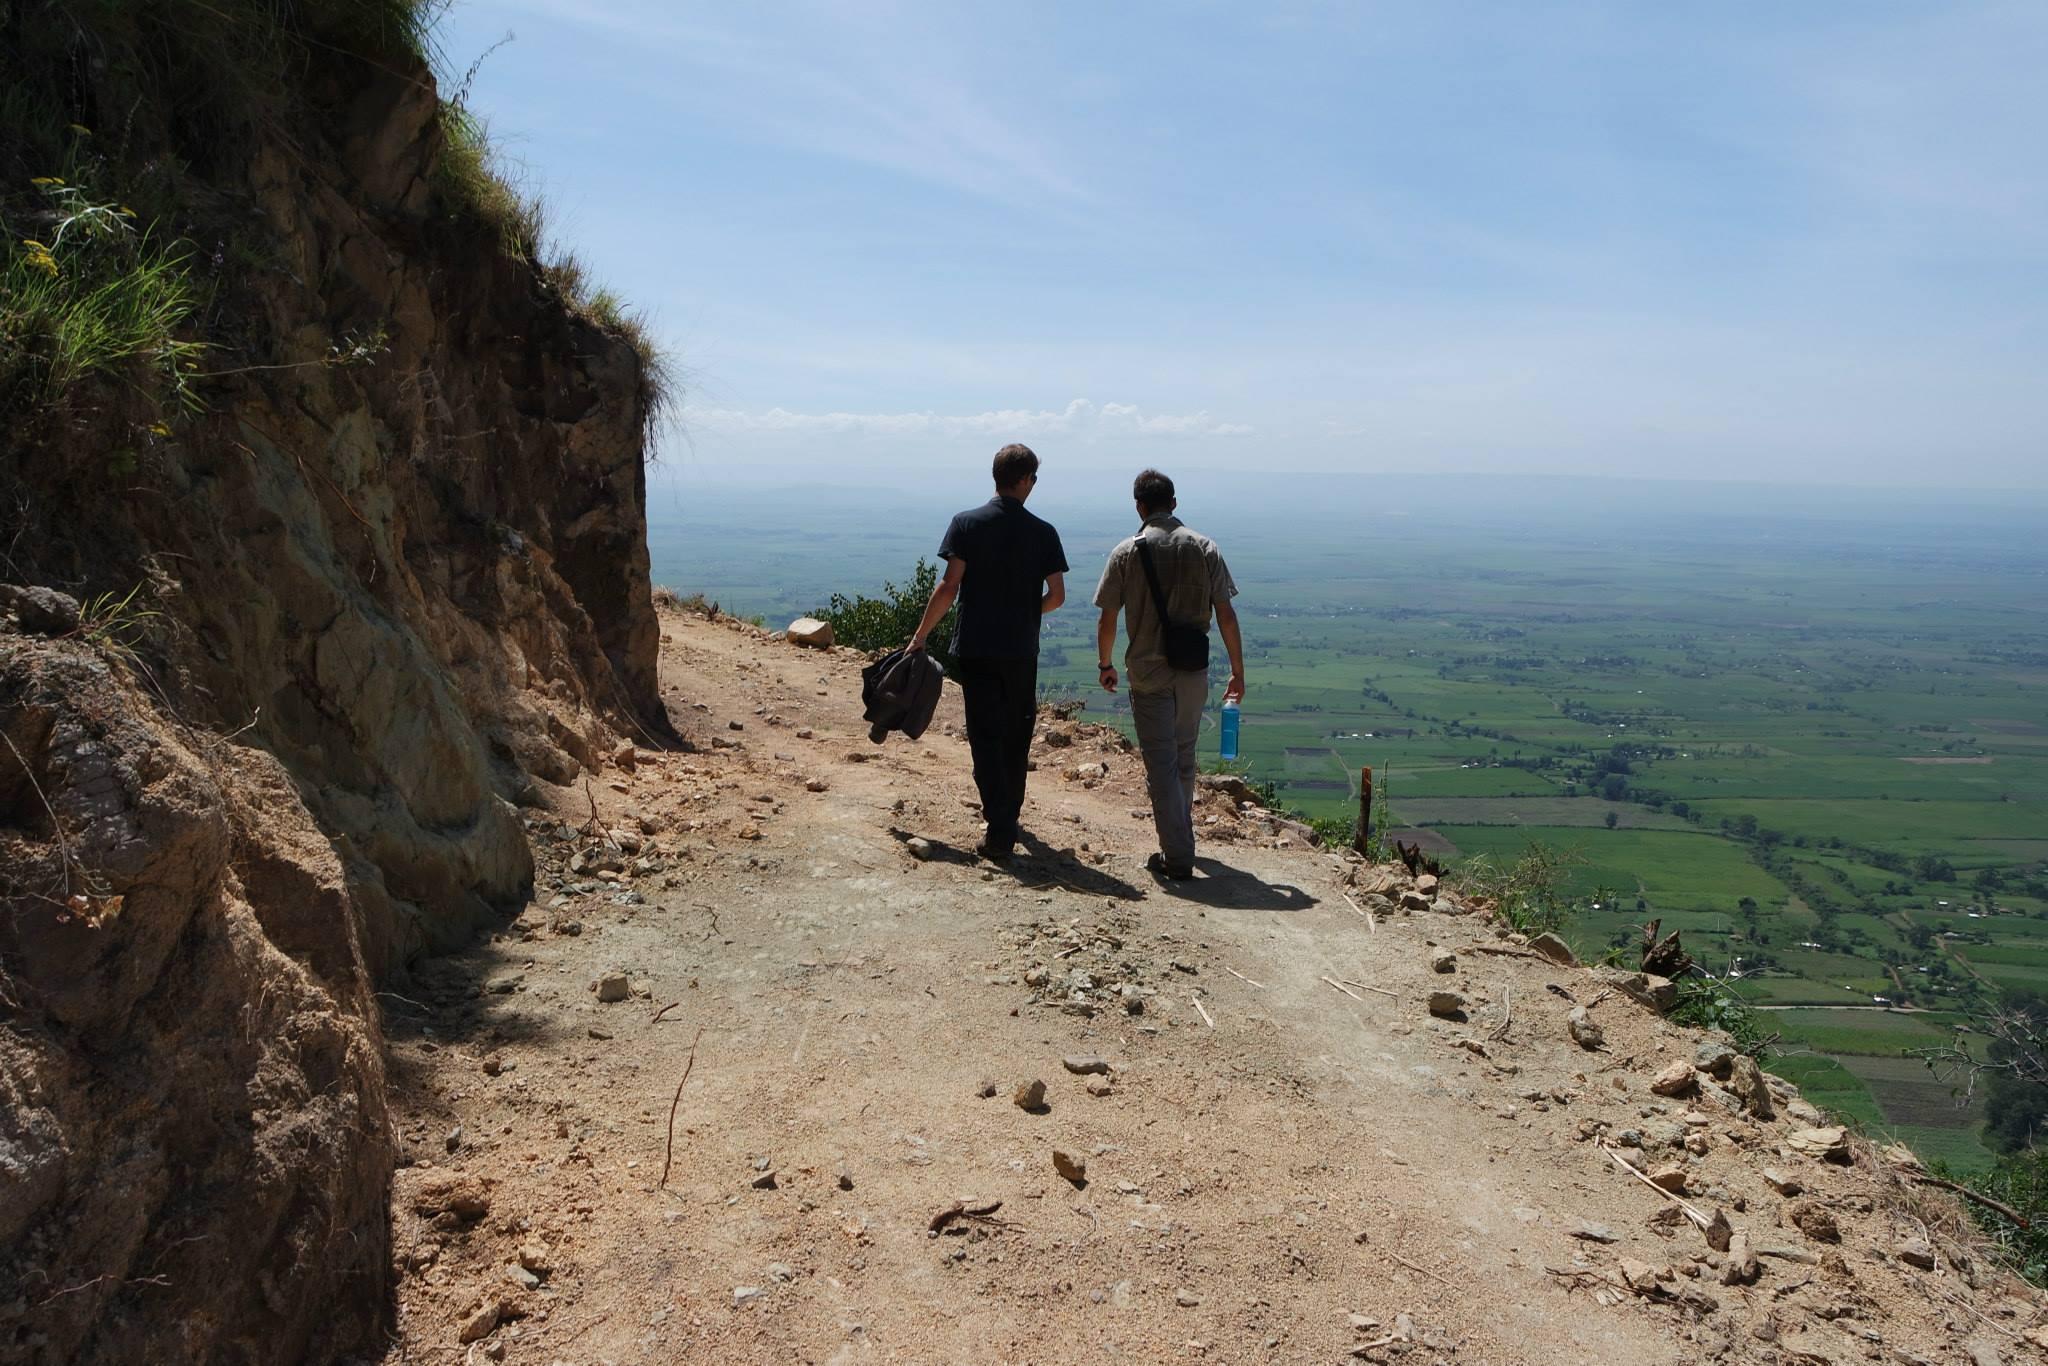 Trails of Life au Kenya – Episode 3